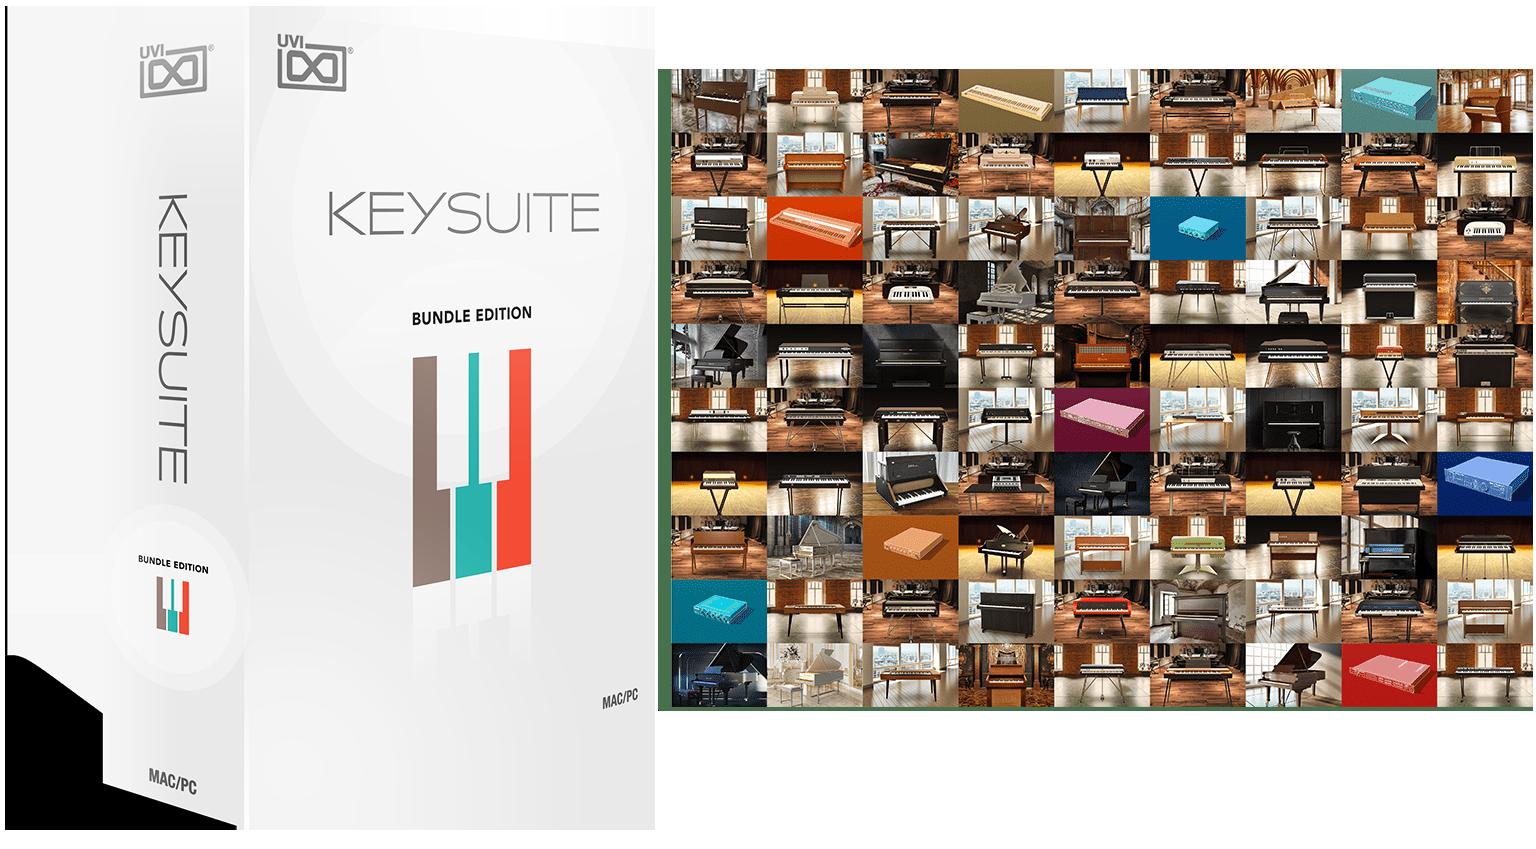 Key Suite Bundle Edition